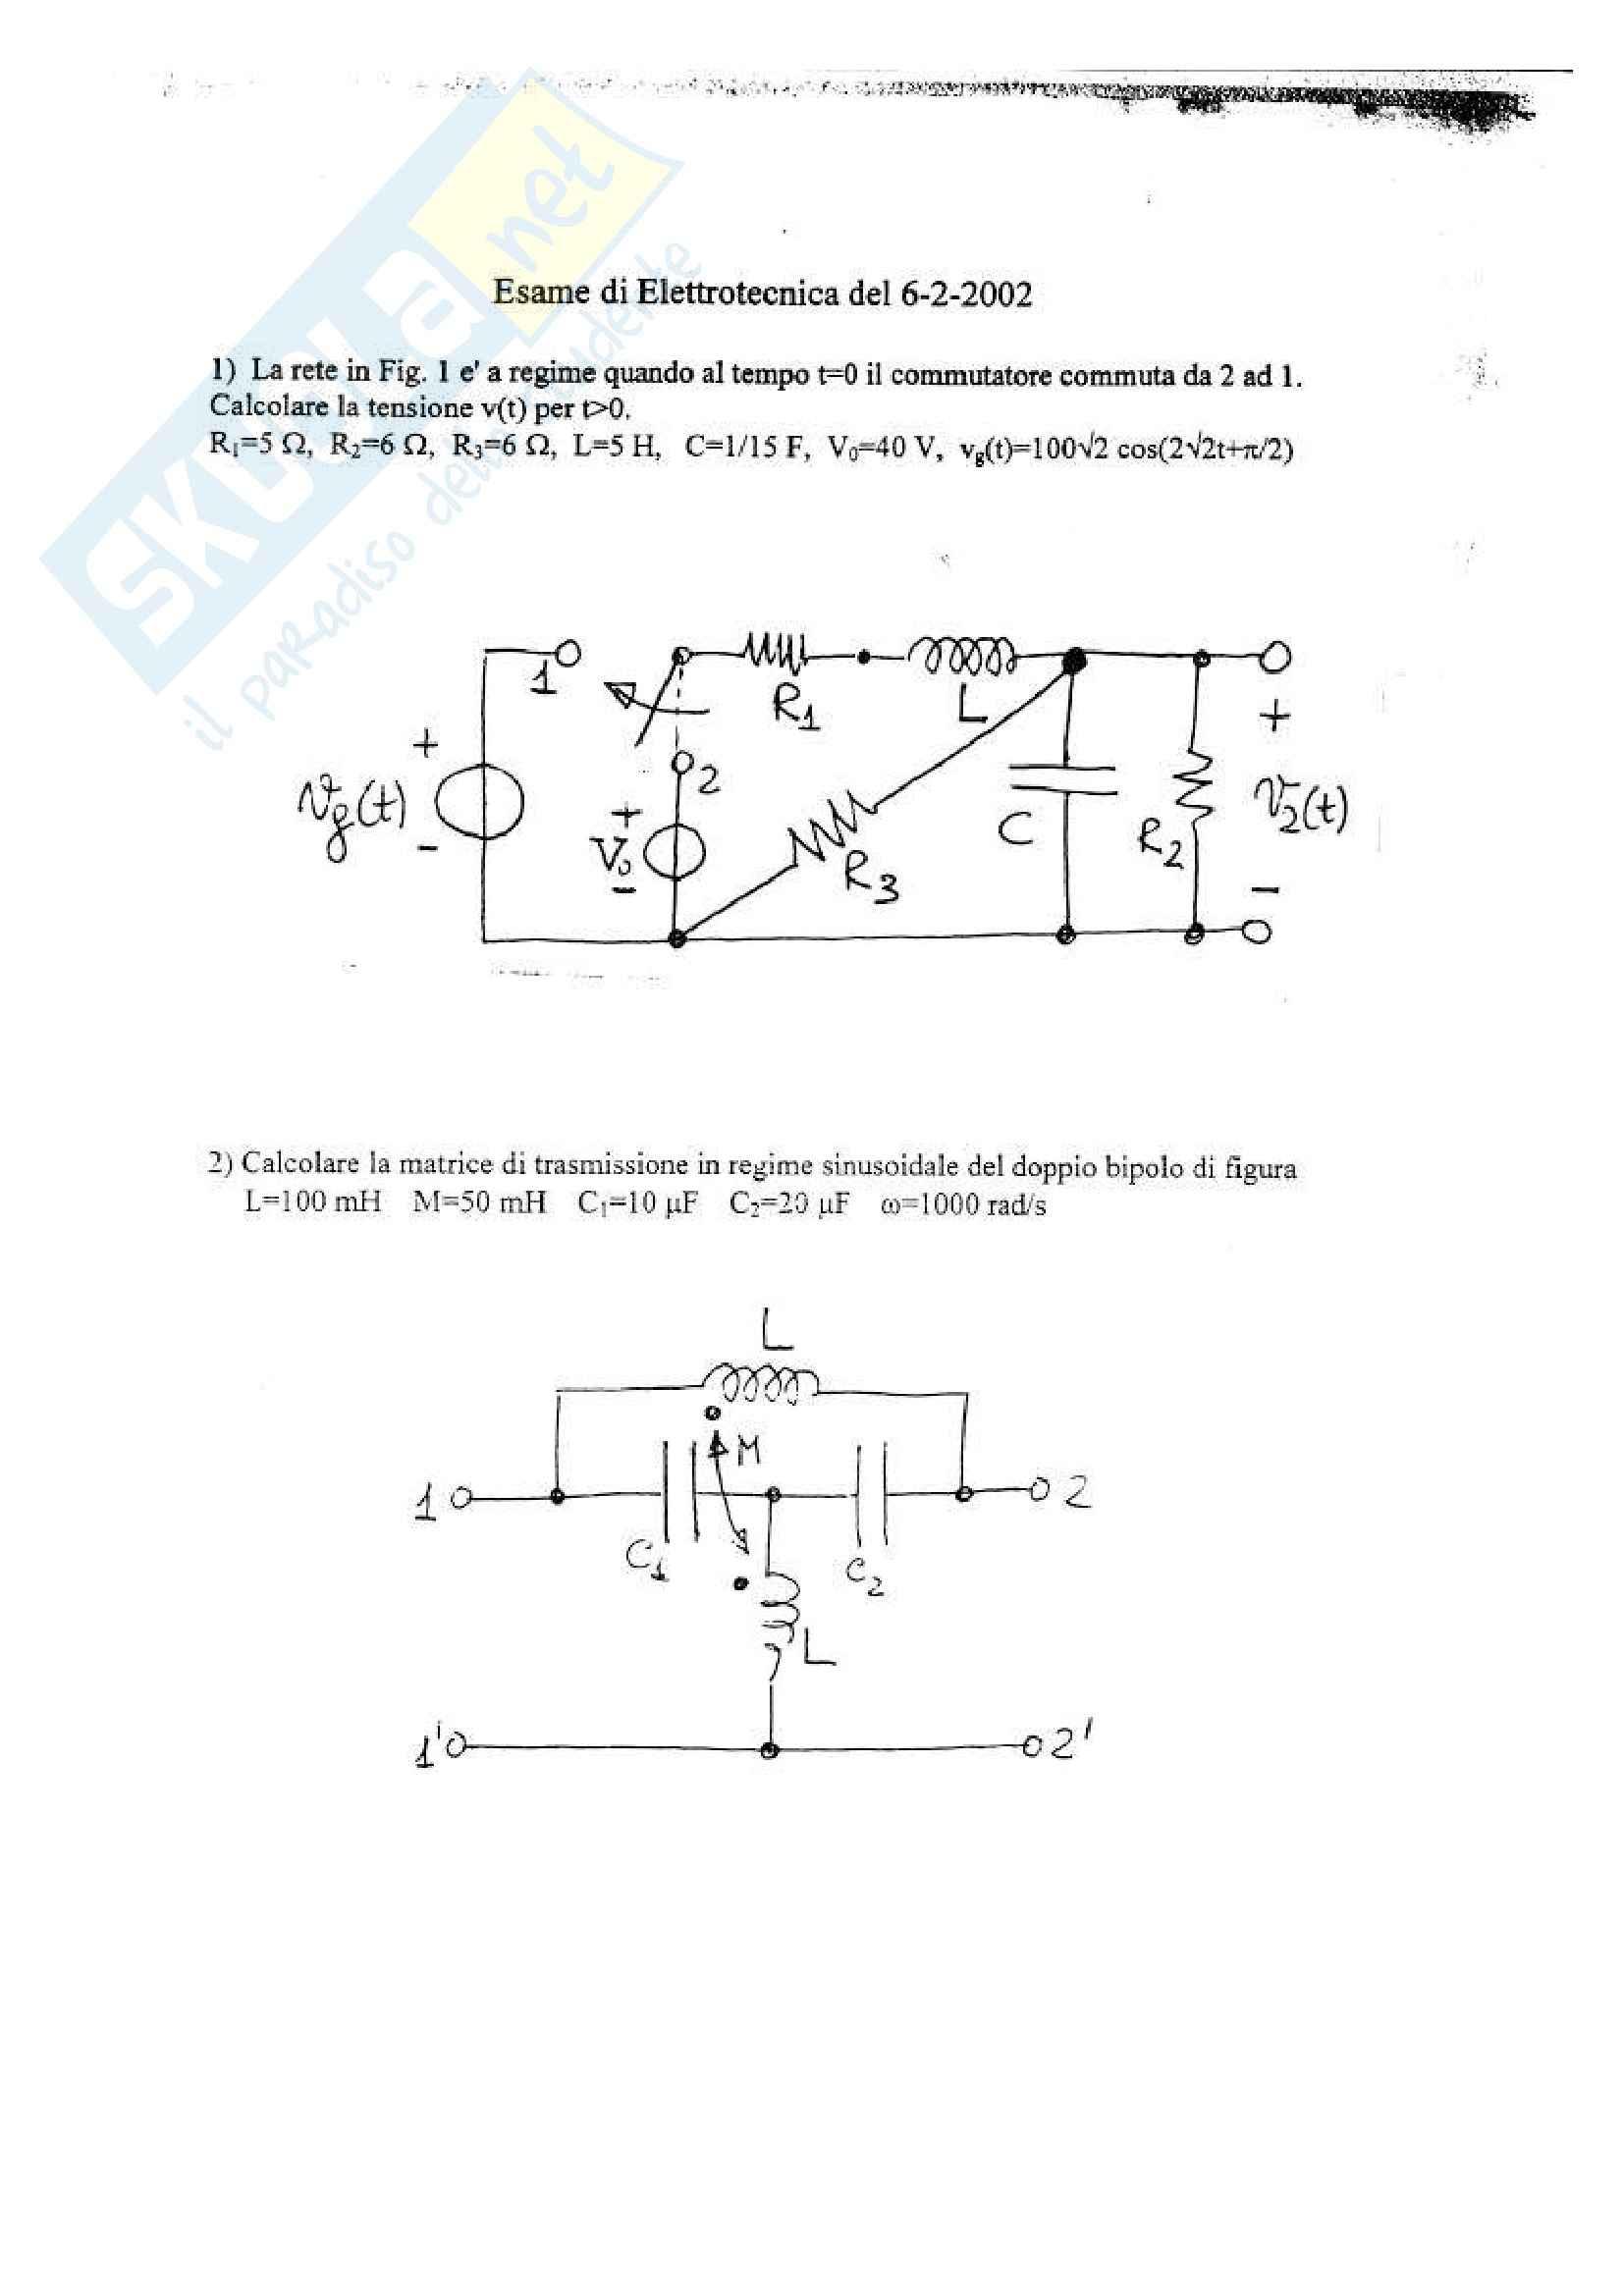 Elettrotecnica - Testi esercizi